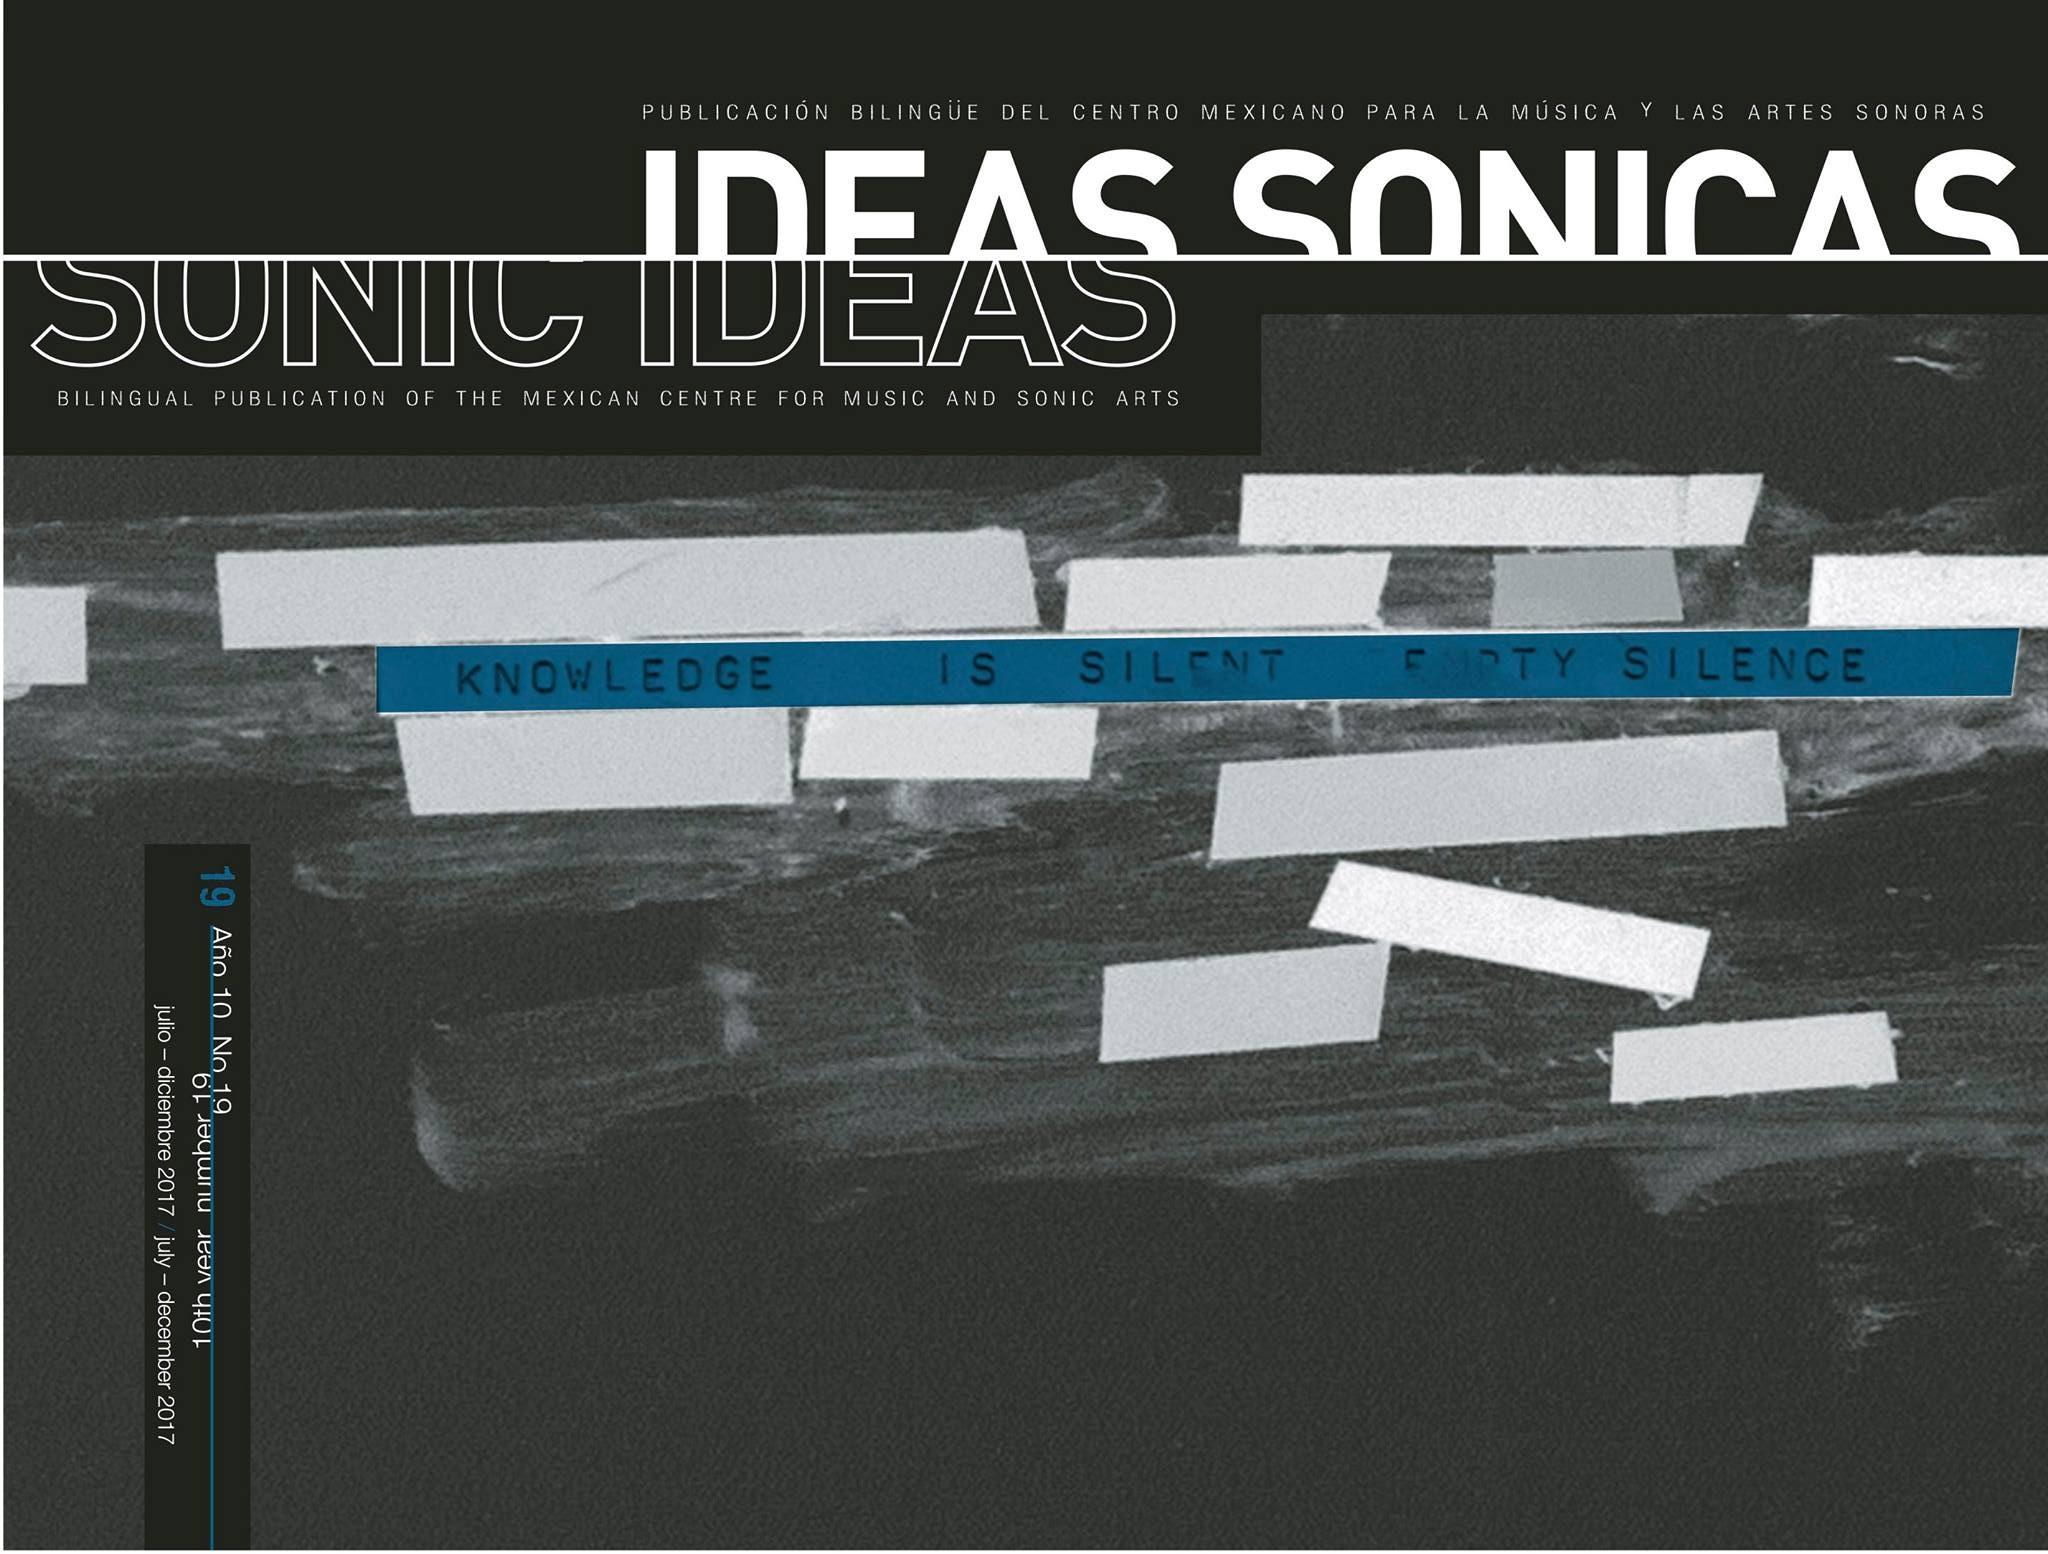 Portada revista ideas sonicas 19 articulo EX